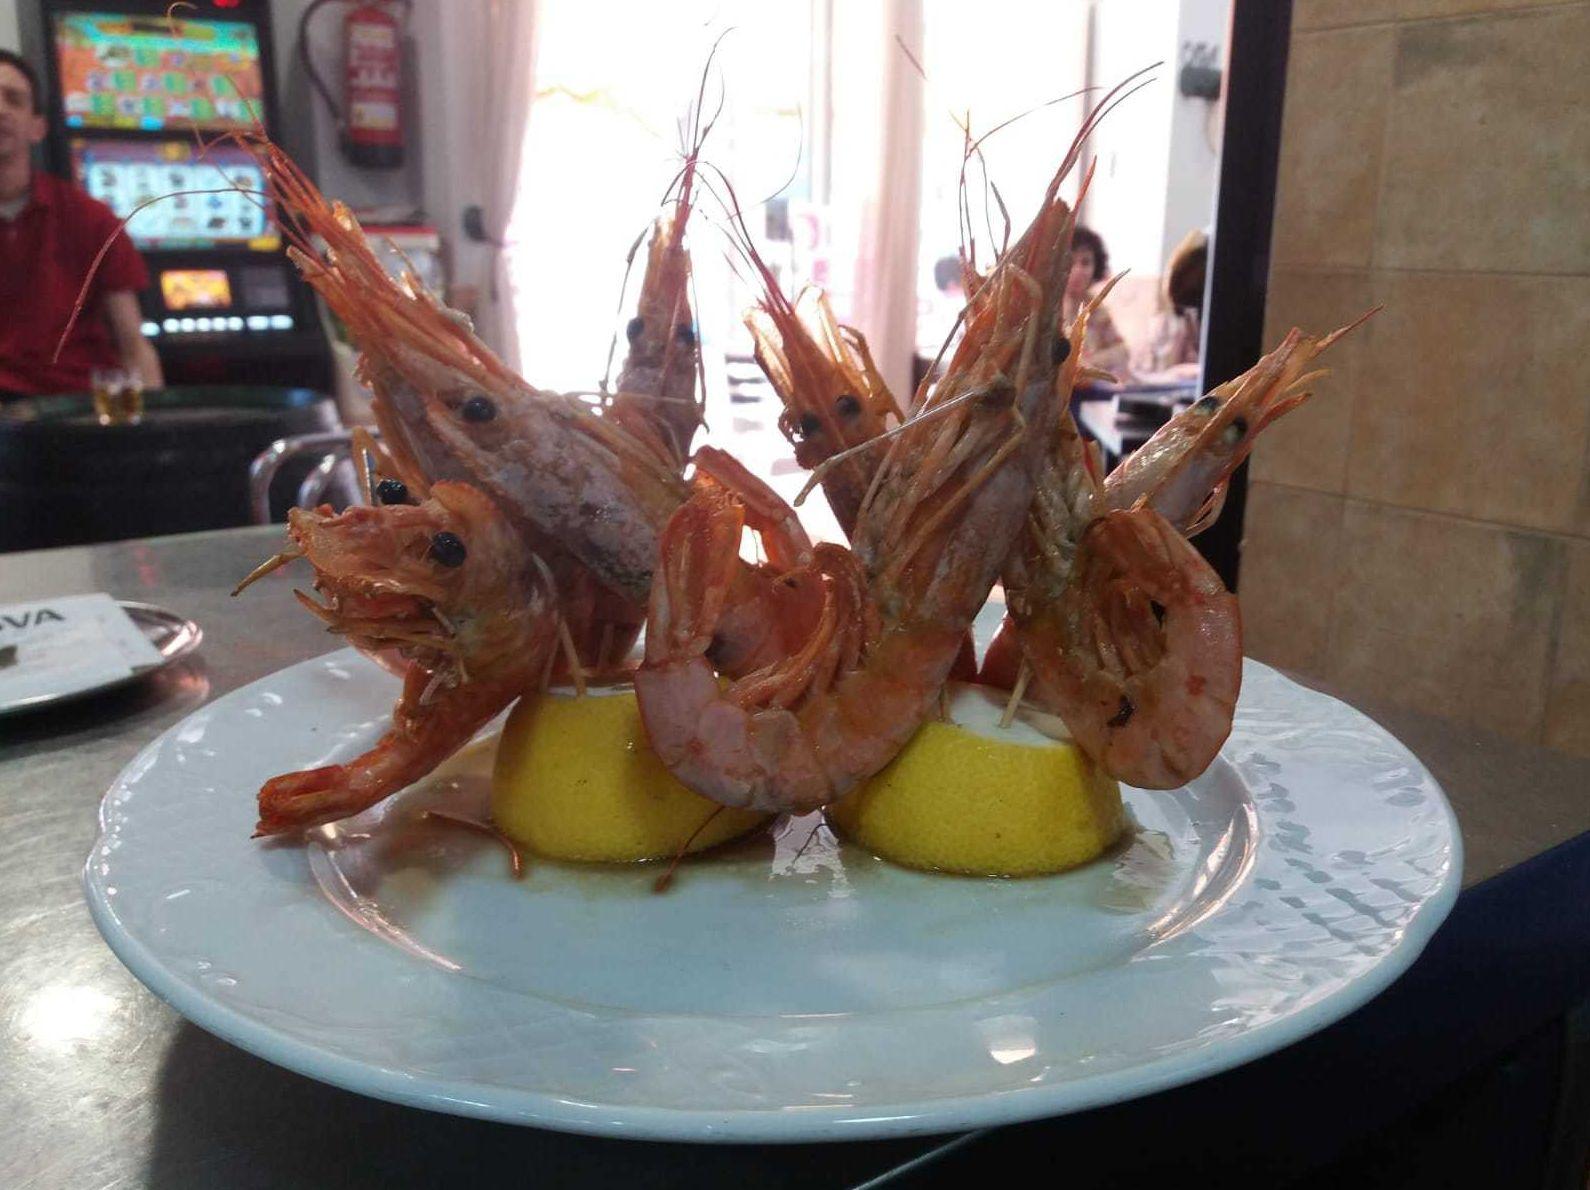 Restaurante especializado en pescados y mariscos en Morón de la Frontera